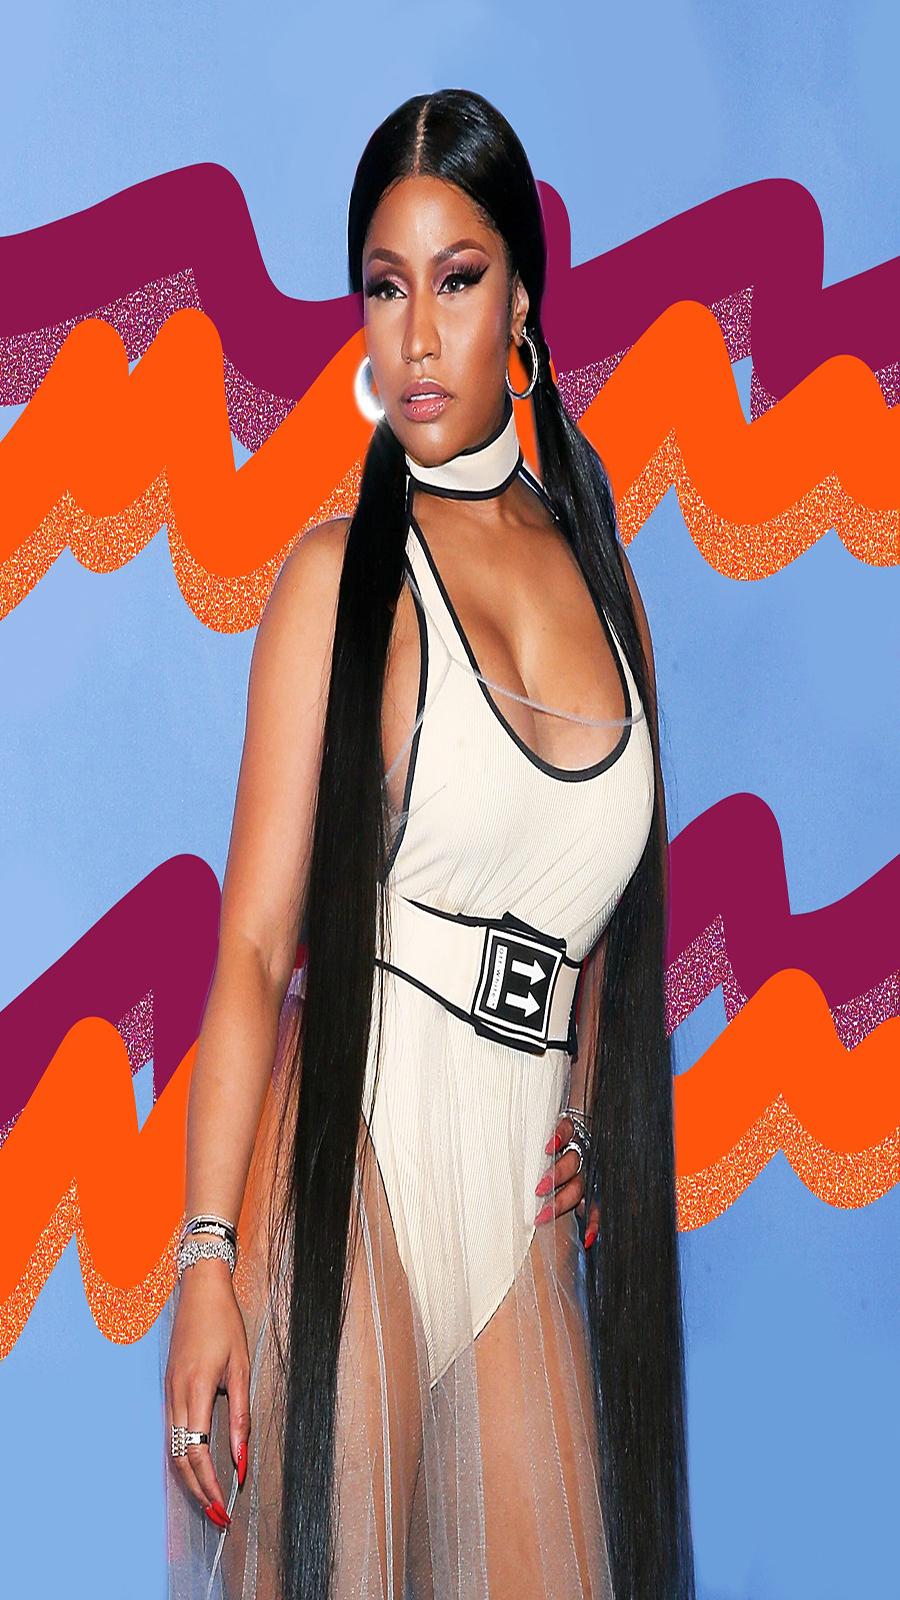 Beautiful Nicki Minaj Wallpapers Free Download